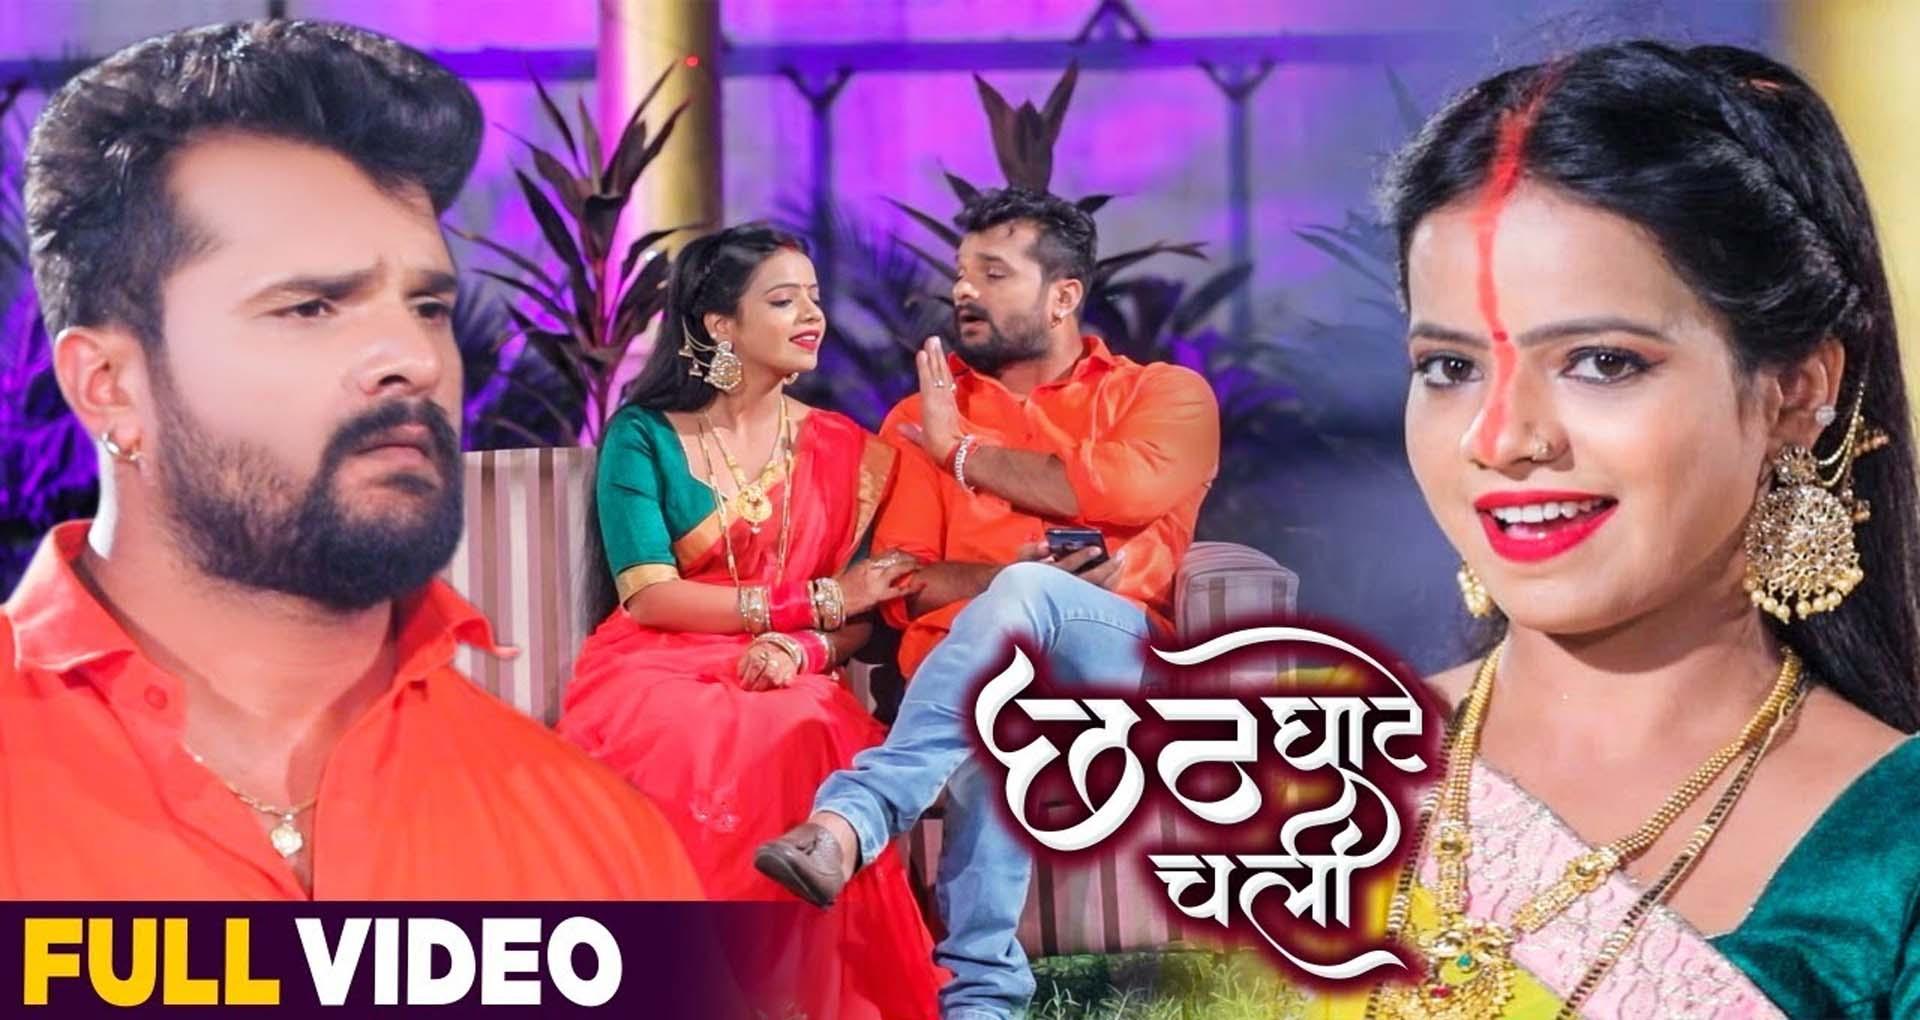 Khesari Lal Yadav Chhath Song: छठ पर्व धूम मचा रहे हैं खेसारी लाल के गीत, देखें वीडियो